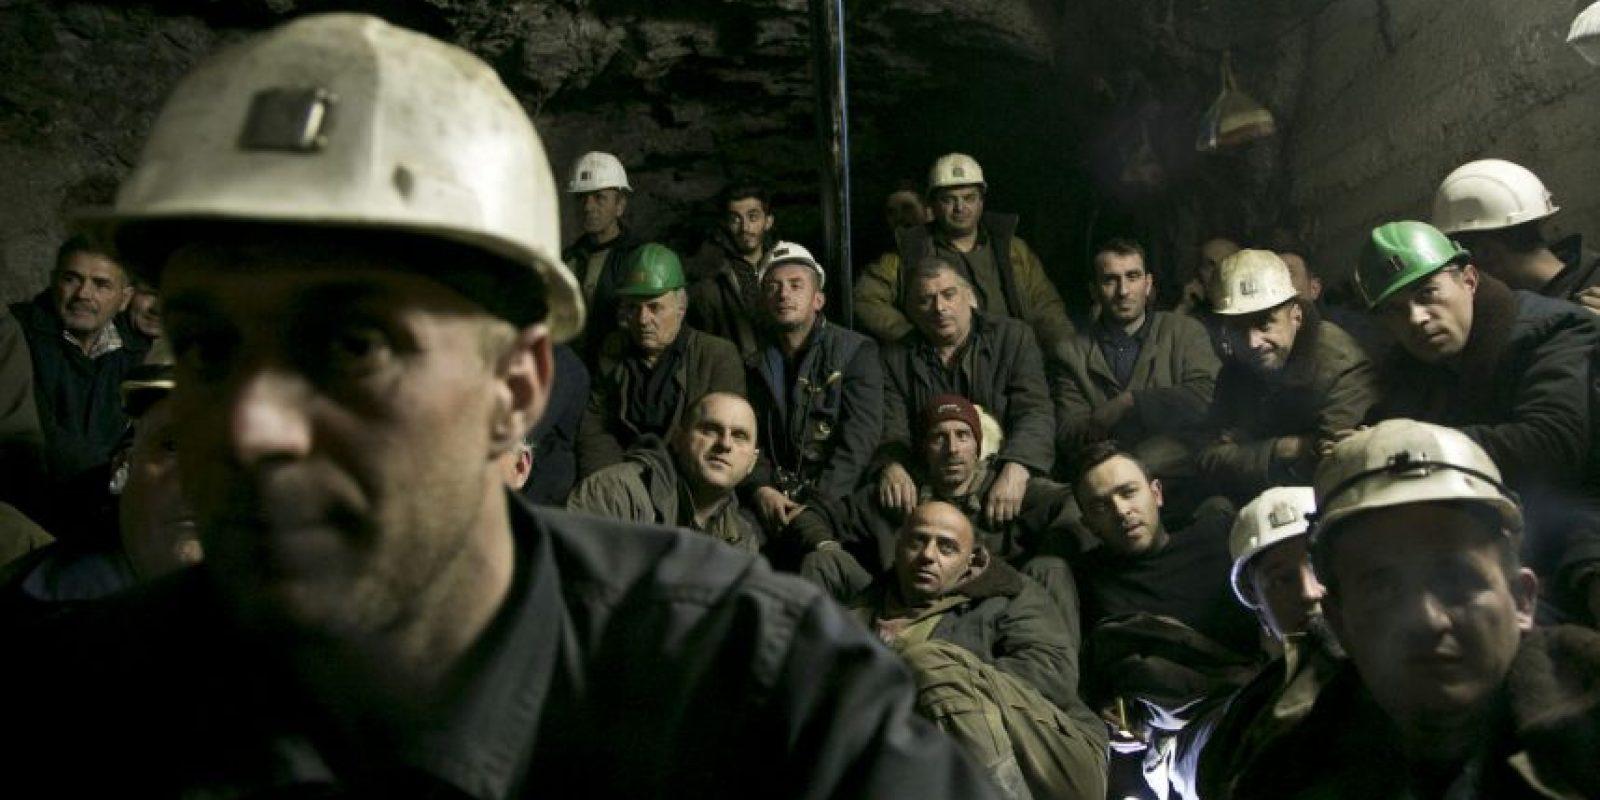 Las autoridades se están coordinando para rescatar a los otros mineros. Foto:AP